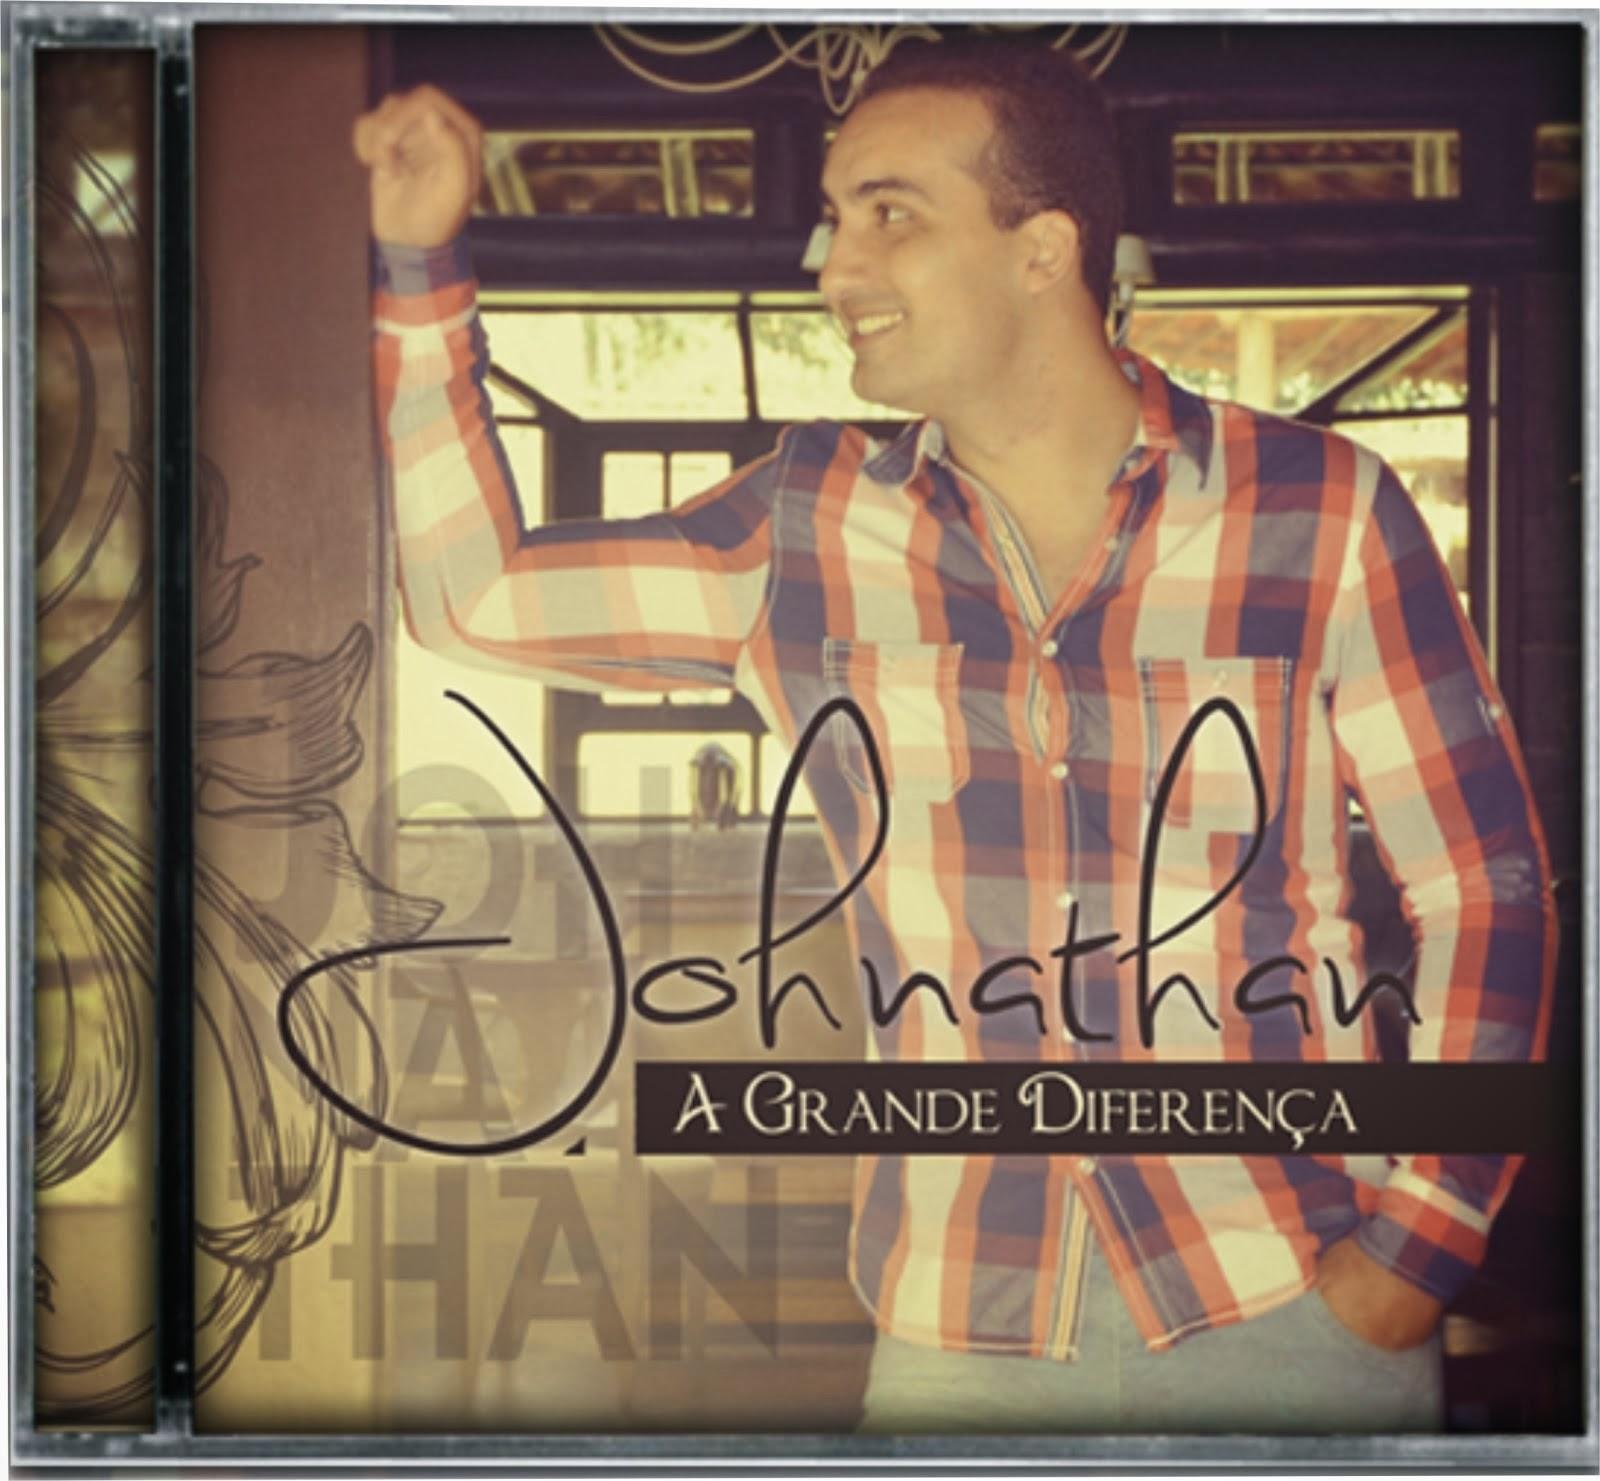 LANÇAMENTO CD DE JOHNATHAN